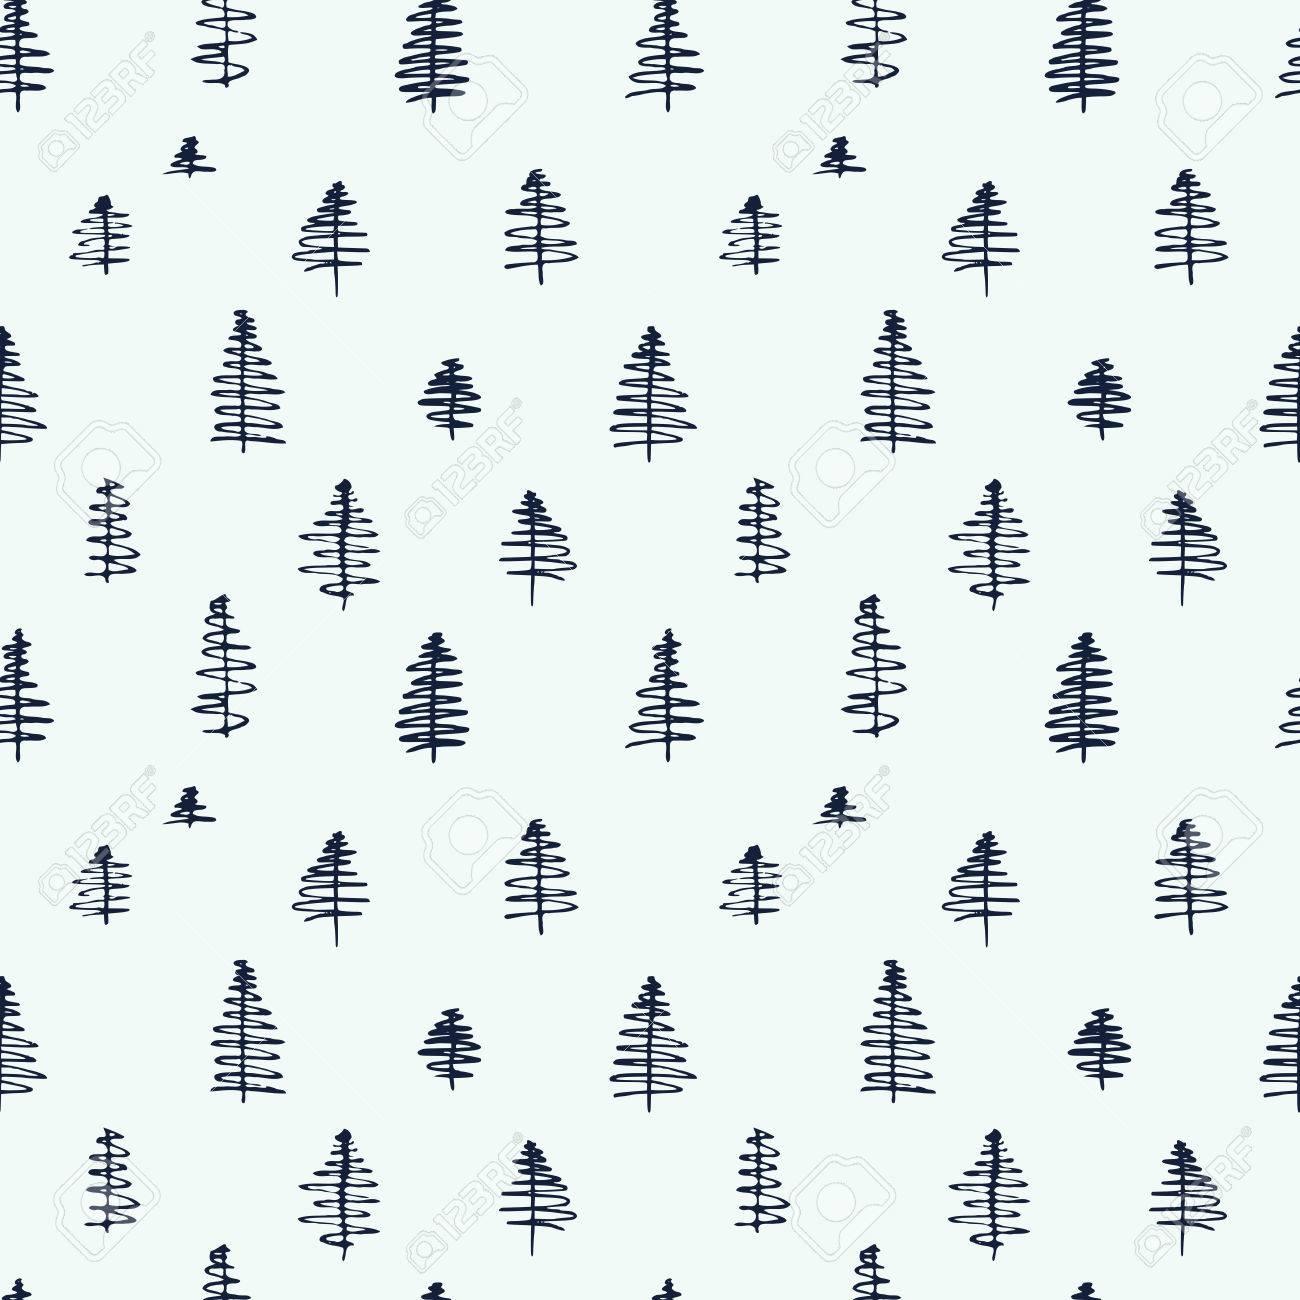 Patrones De Costura De Dibujos Animados Simples Lindo Con árboles ...